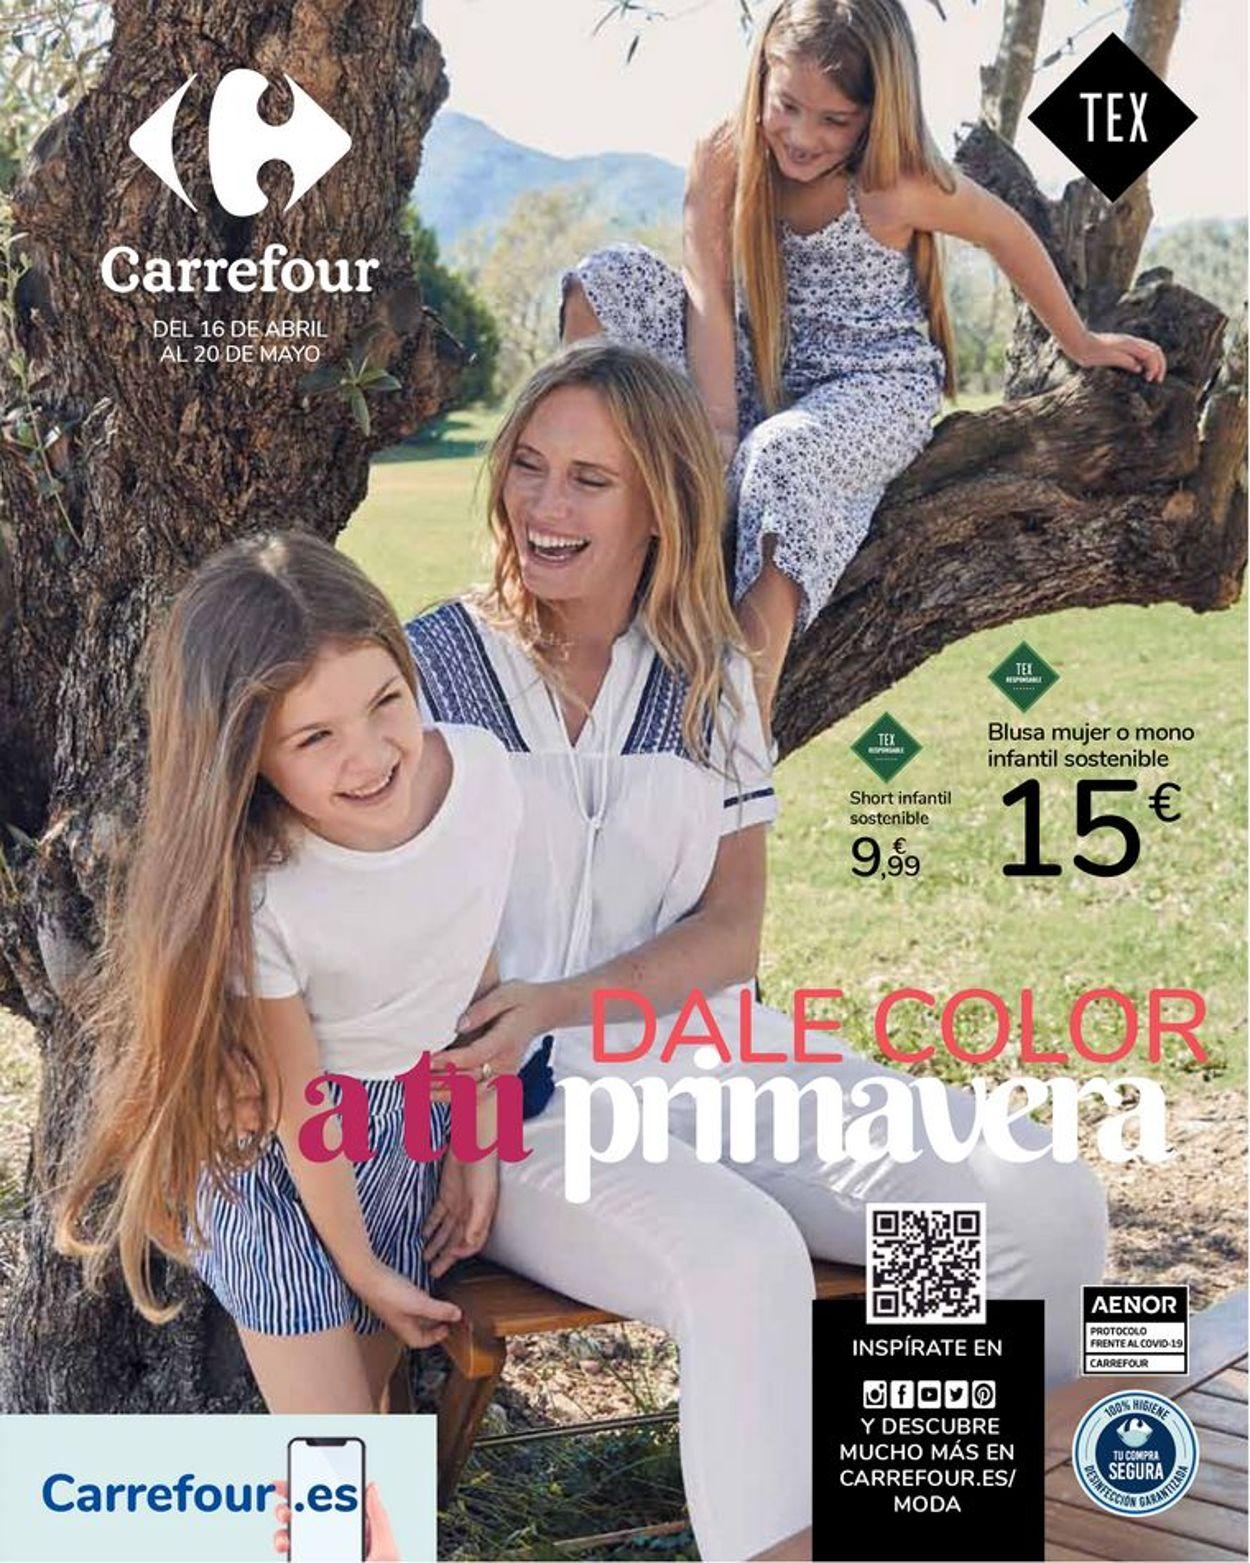 Carrefour Dale color a tu primavera Folleto - 16.04-20.05.2021